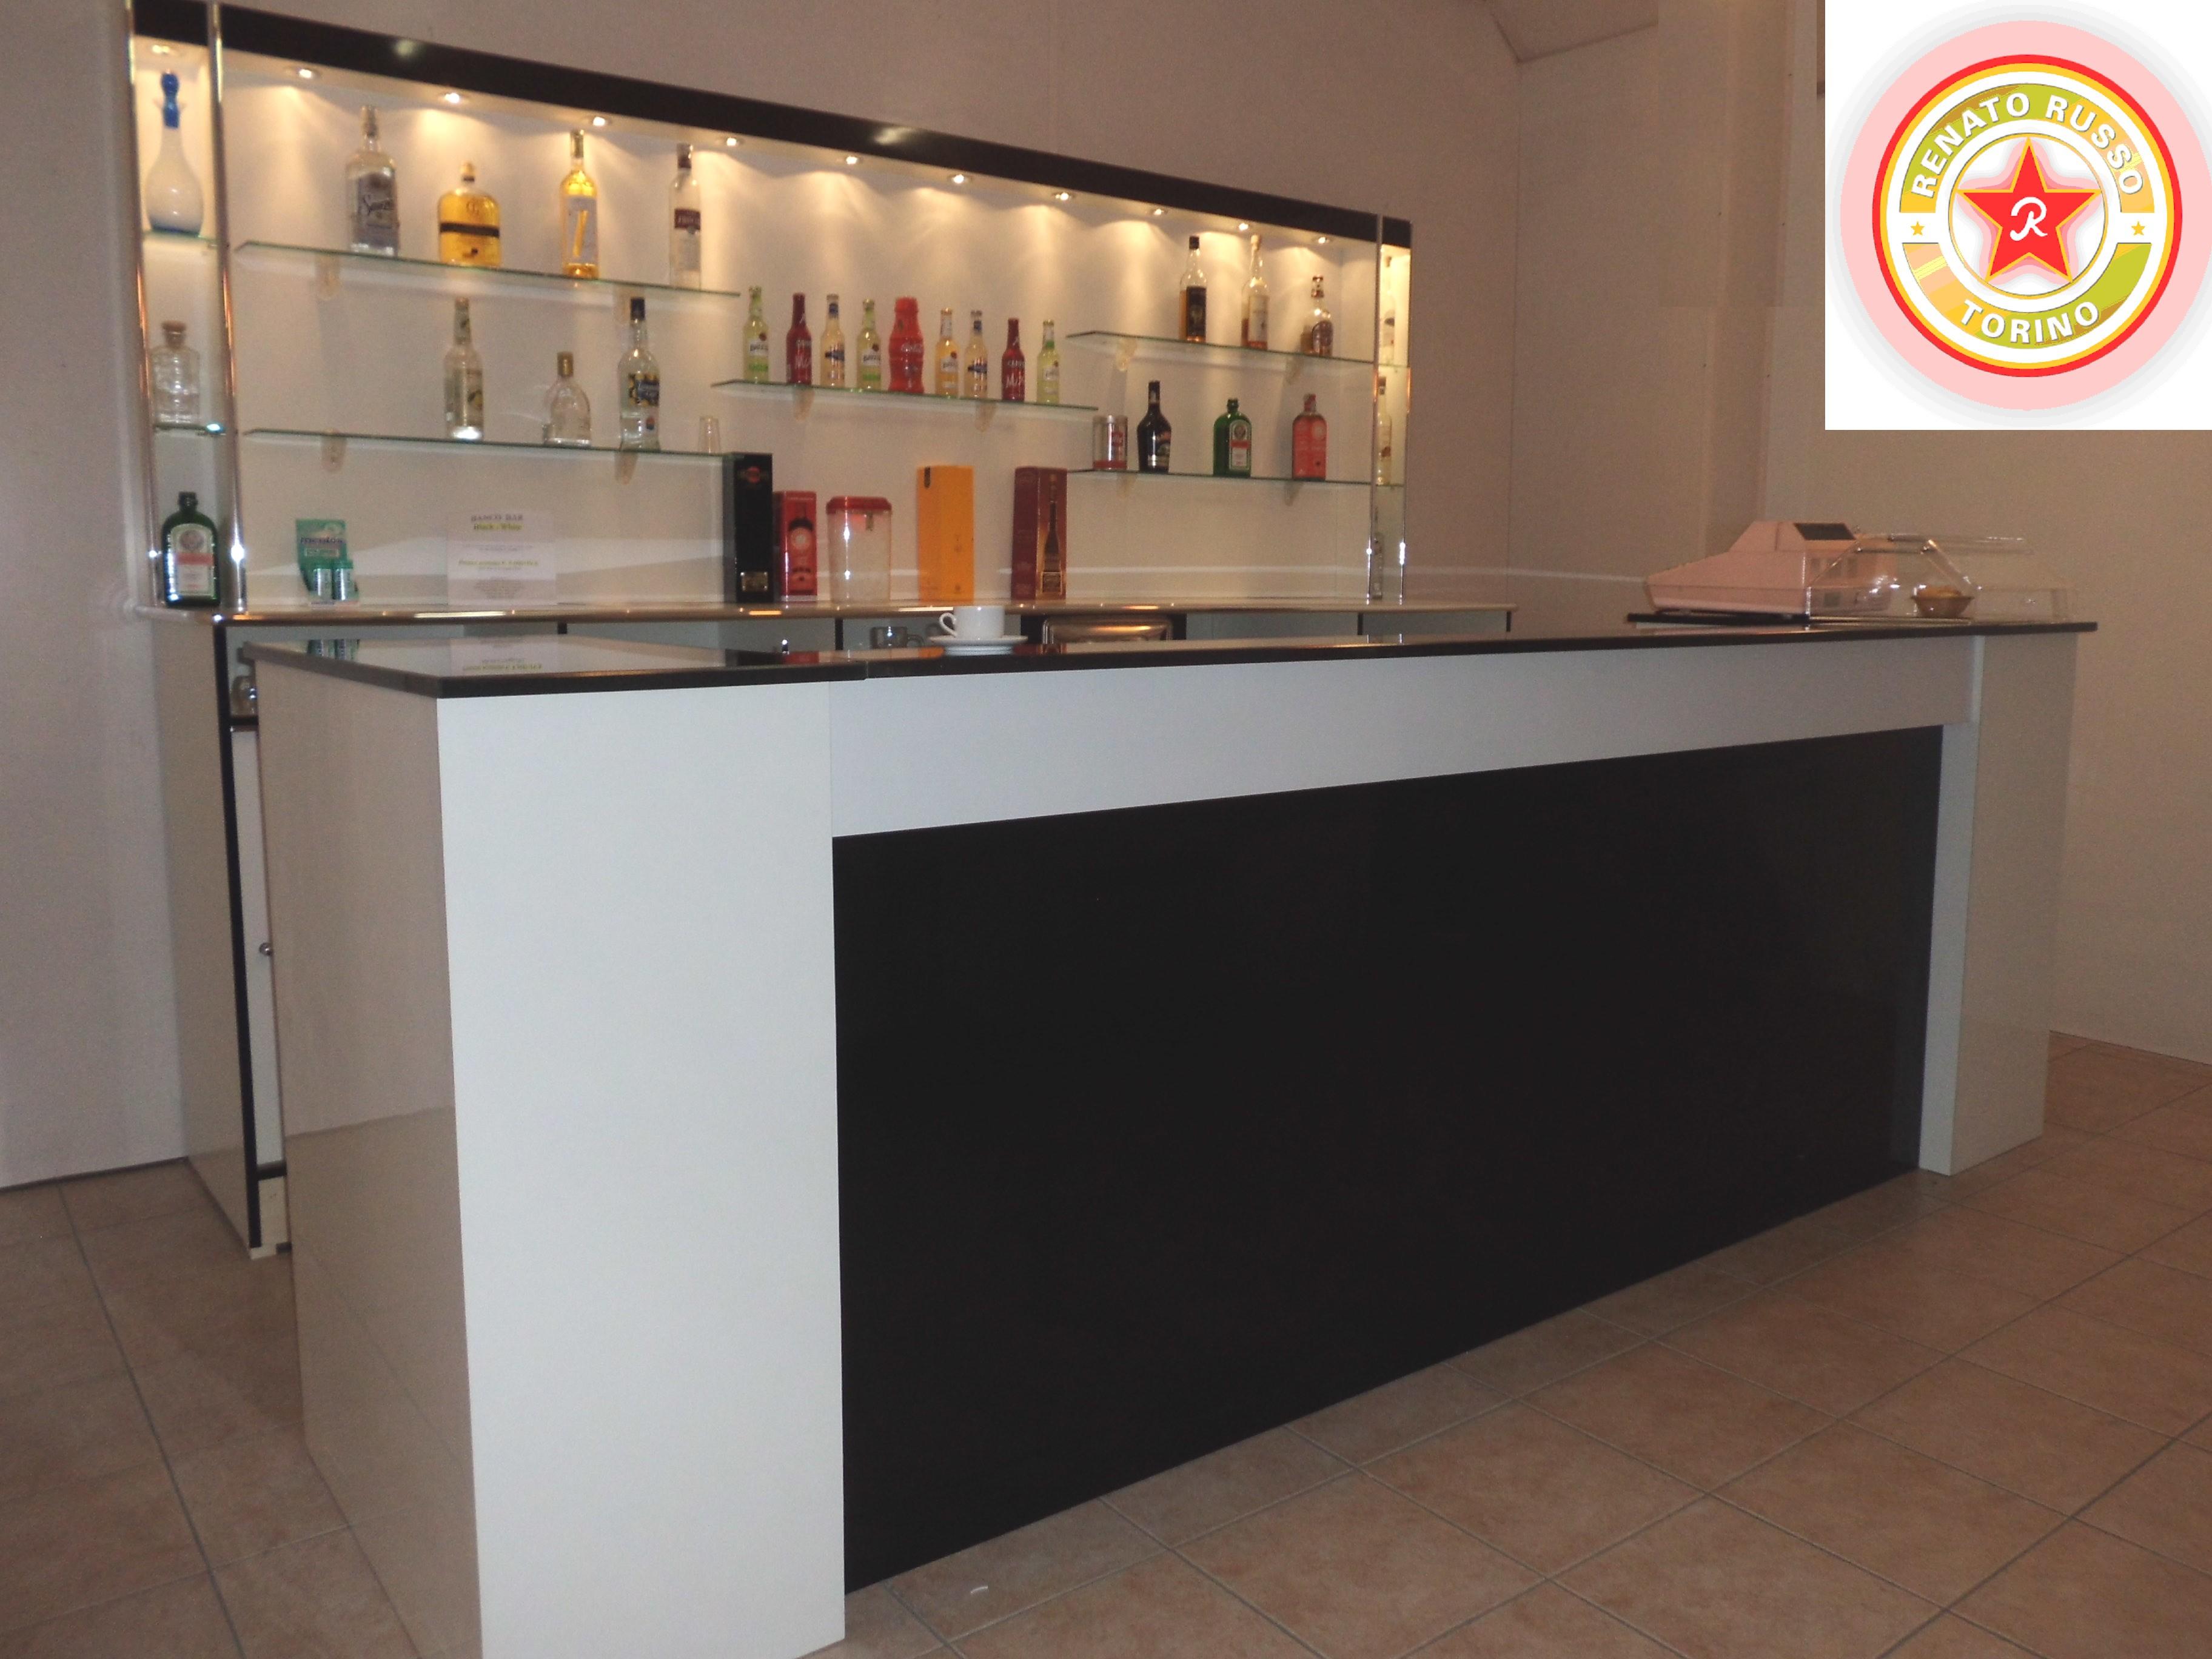 Banchi bar prezzi banchi bar banconi bar produttori di for Arredi bar usati